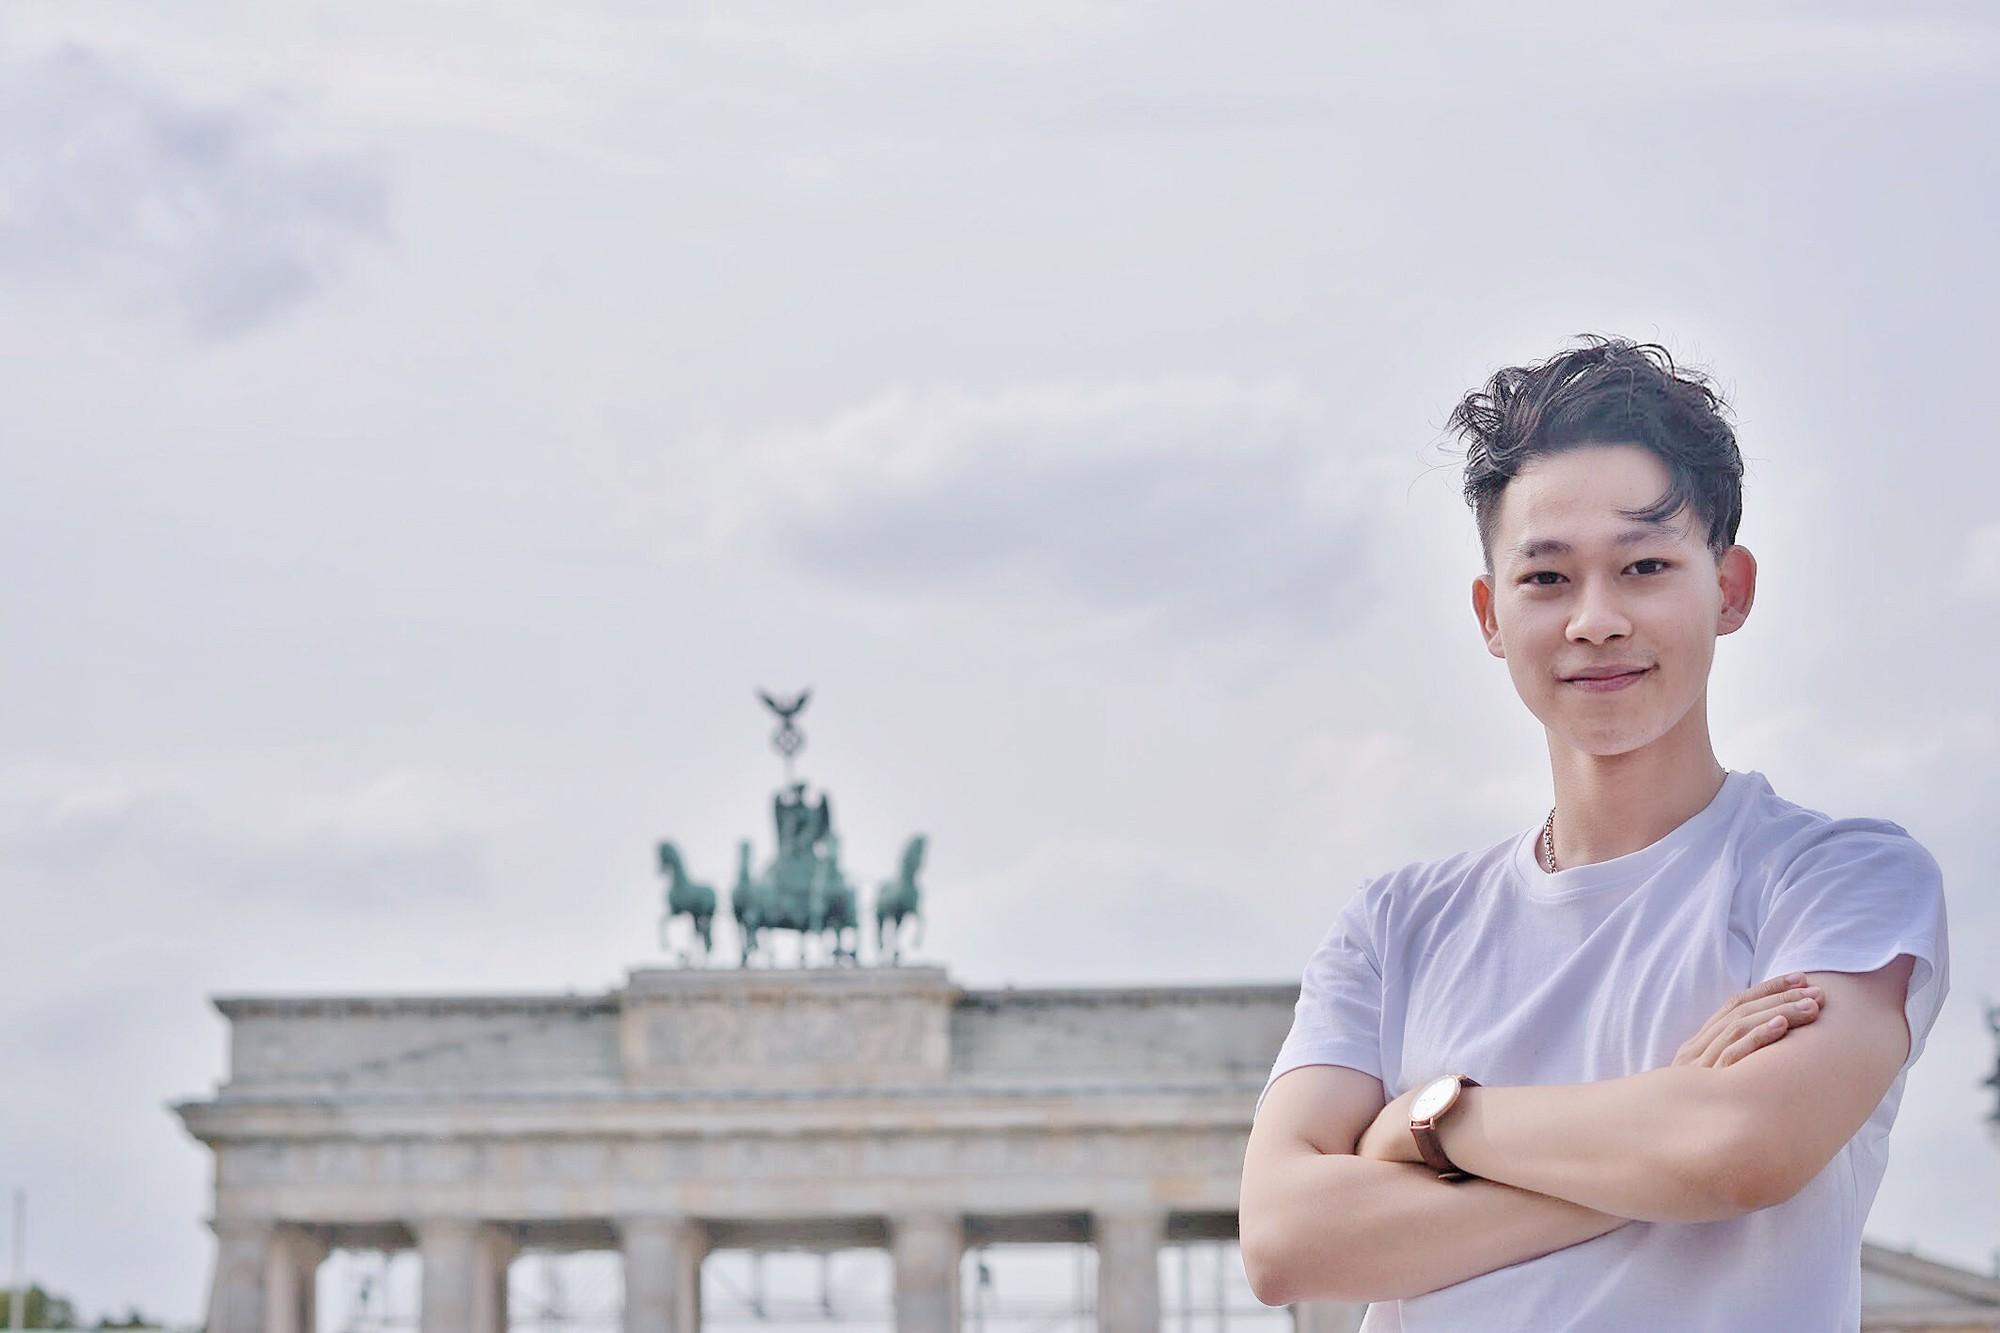 Cậu bạn Hà Nội đẹp trai, giành học bổng du học 5 nước, là thủ khoa đầu vào và tốt nghiệp ĐH với số điểm cao nhất - Ảnh 3.